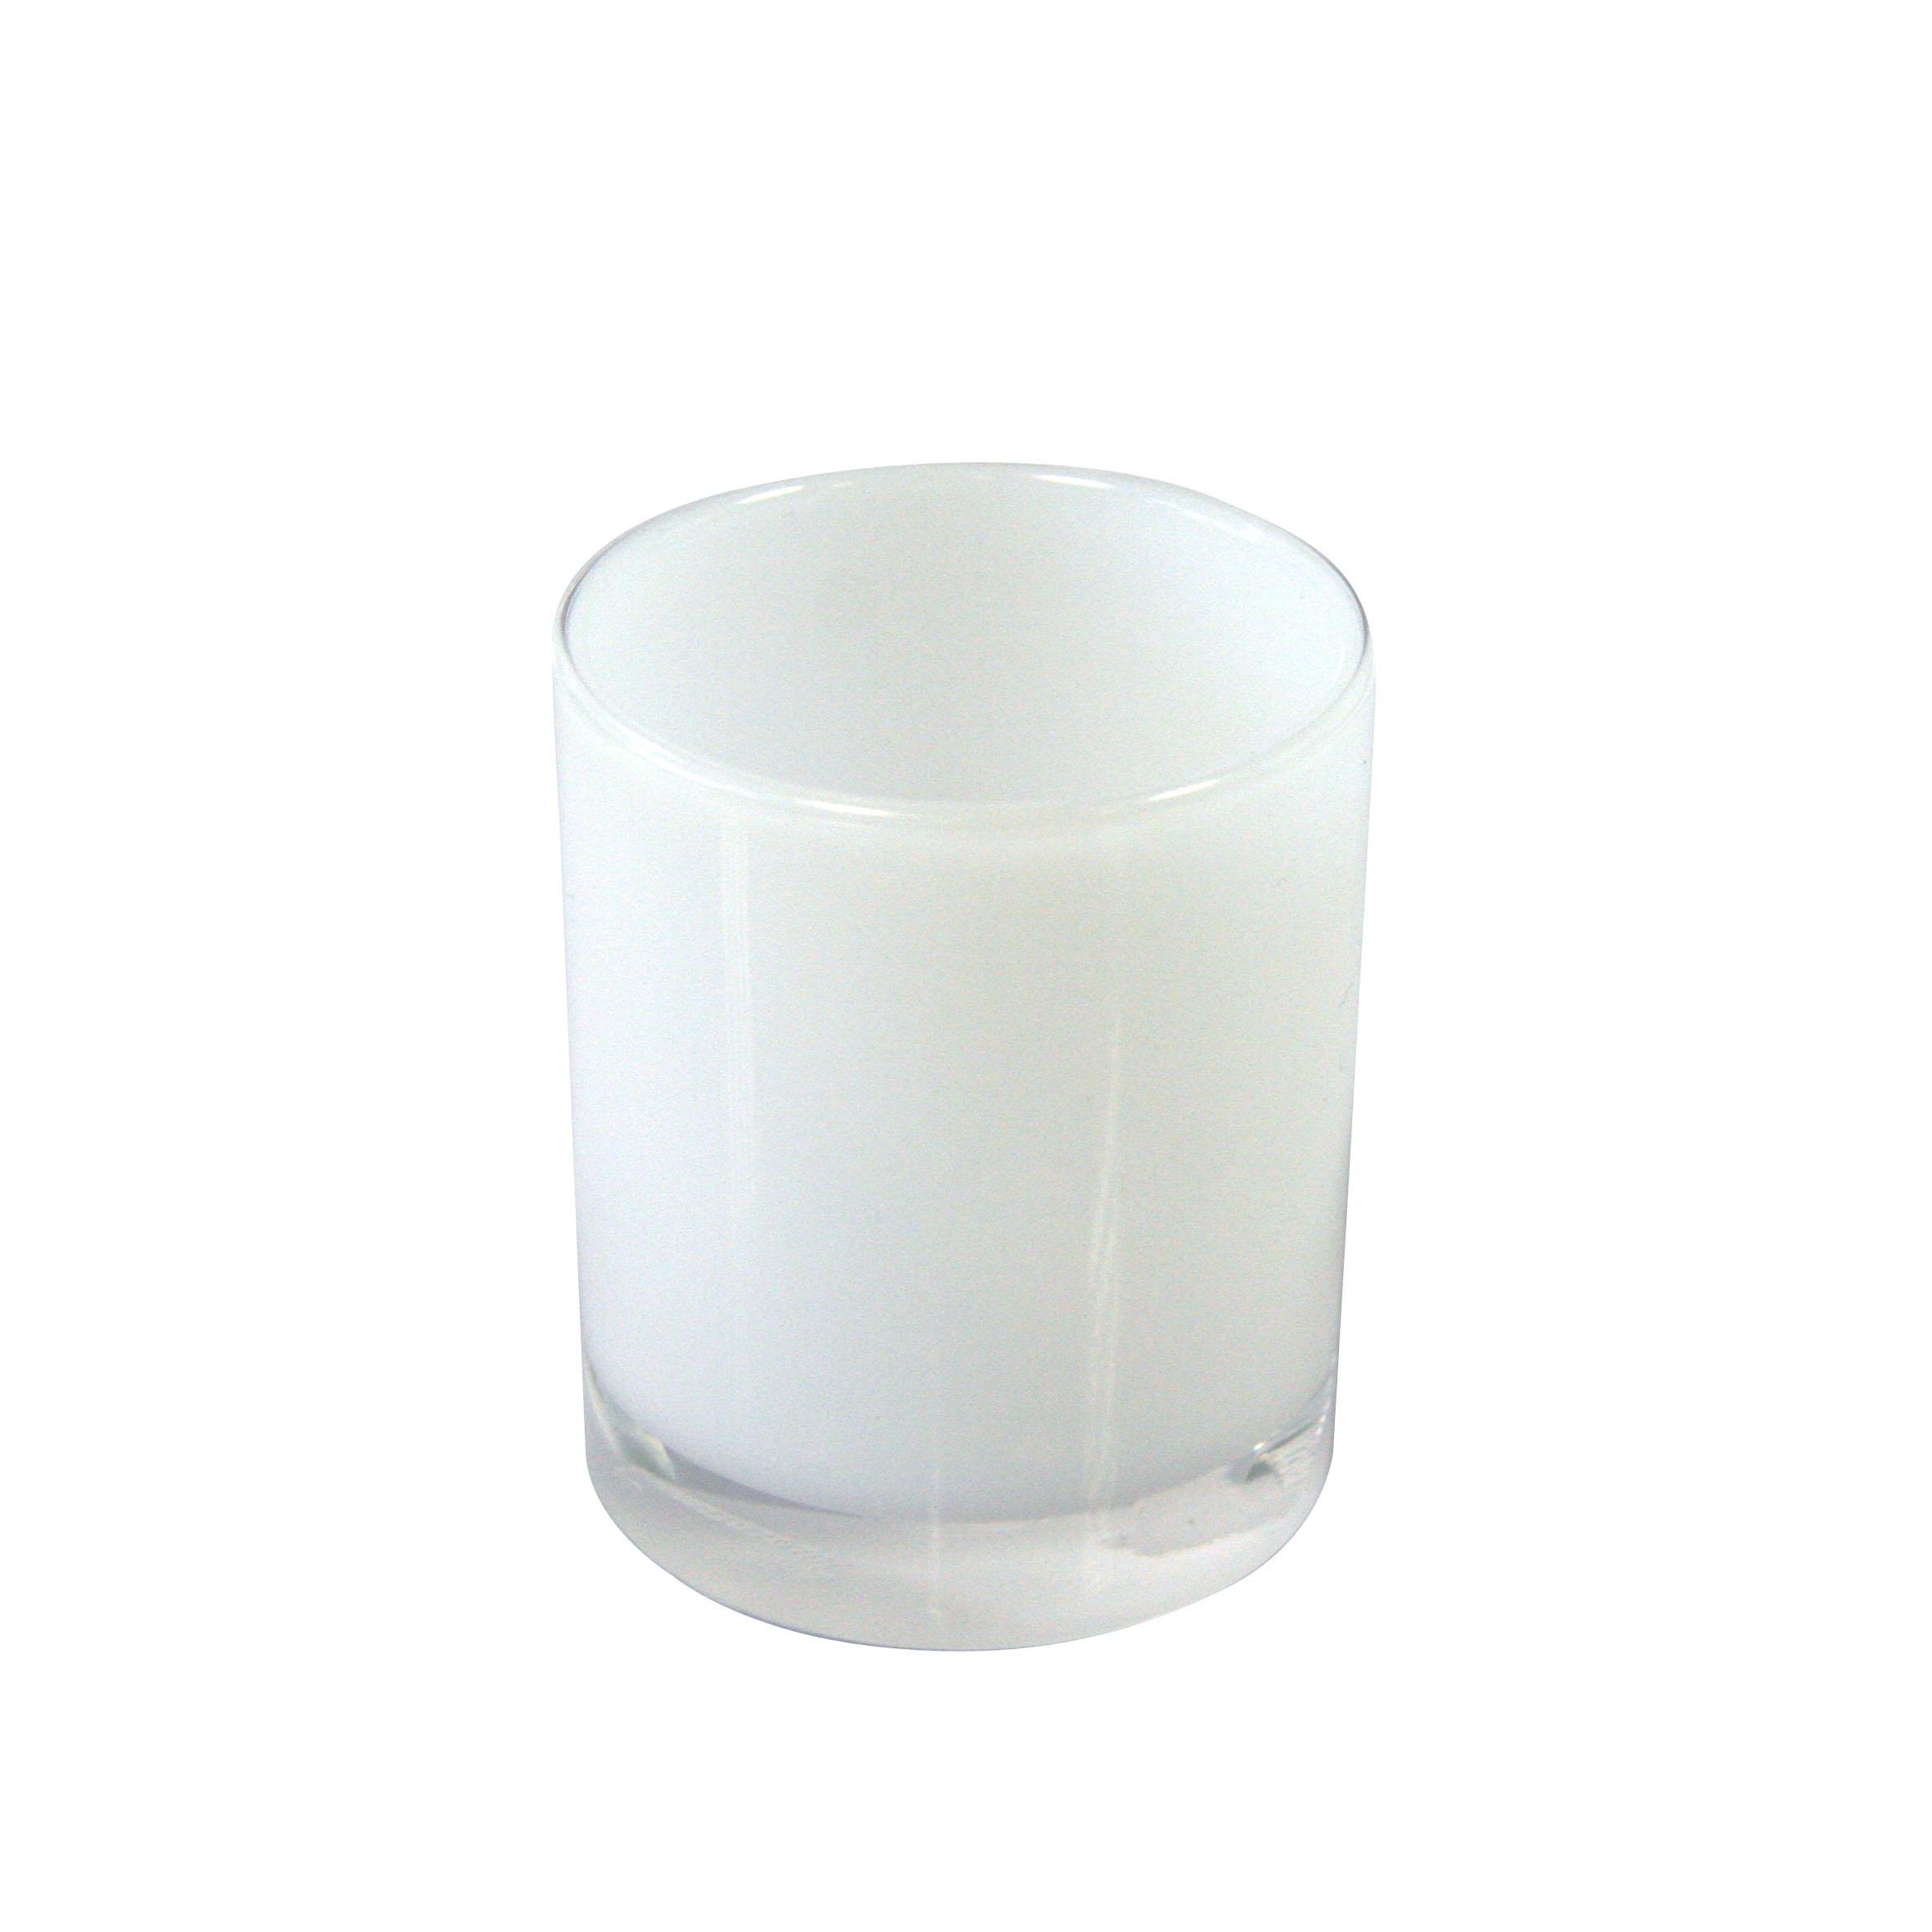 Стакан для ванной комнаты Axentia PriamosS03301004Стакан для ванной комнаты Axentia Priamos изготовлен из высококачественного акрила - долговечный, прочный и легкий в уходе материал прослужит вам долгие годы. Изделие отлично подойдет для вашей ванной комнаты. Стакан создаст особую атмосферу уюта и максимального комфорта в ванной.